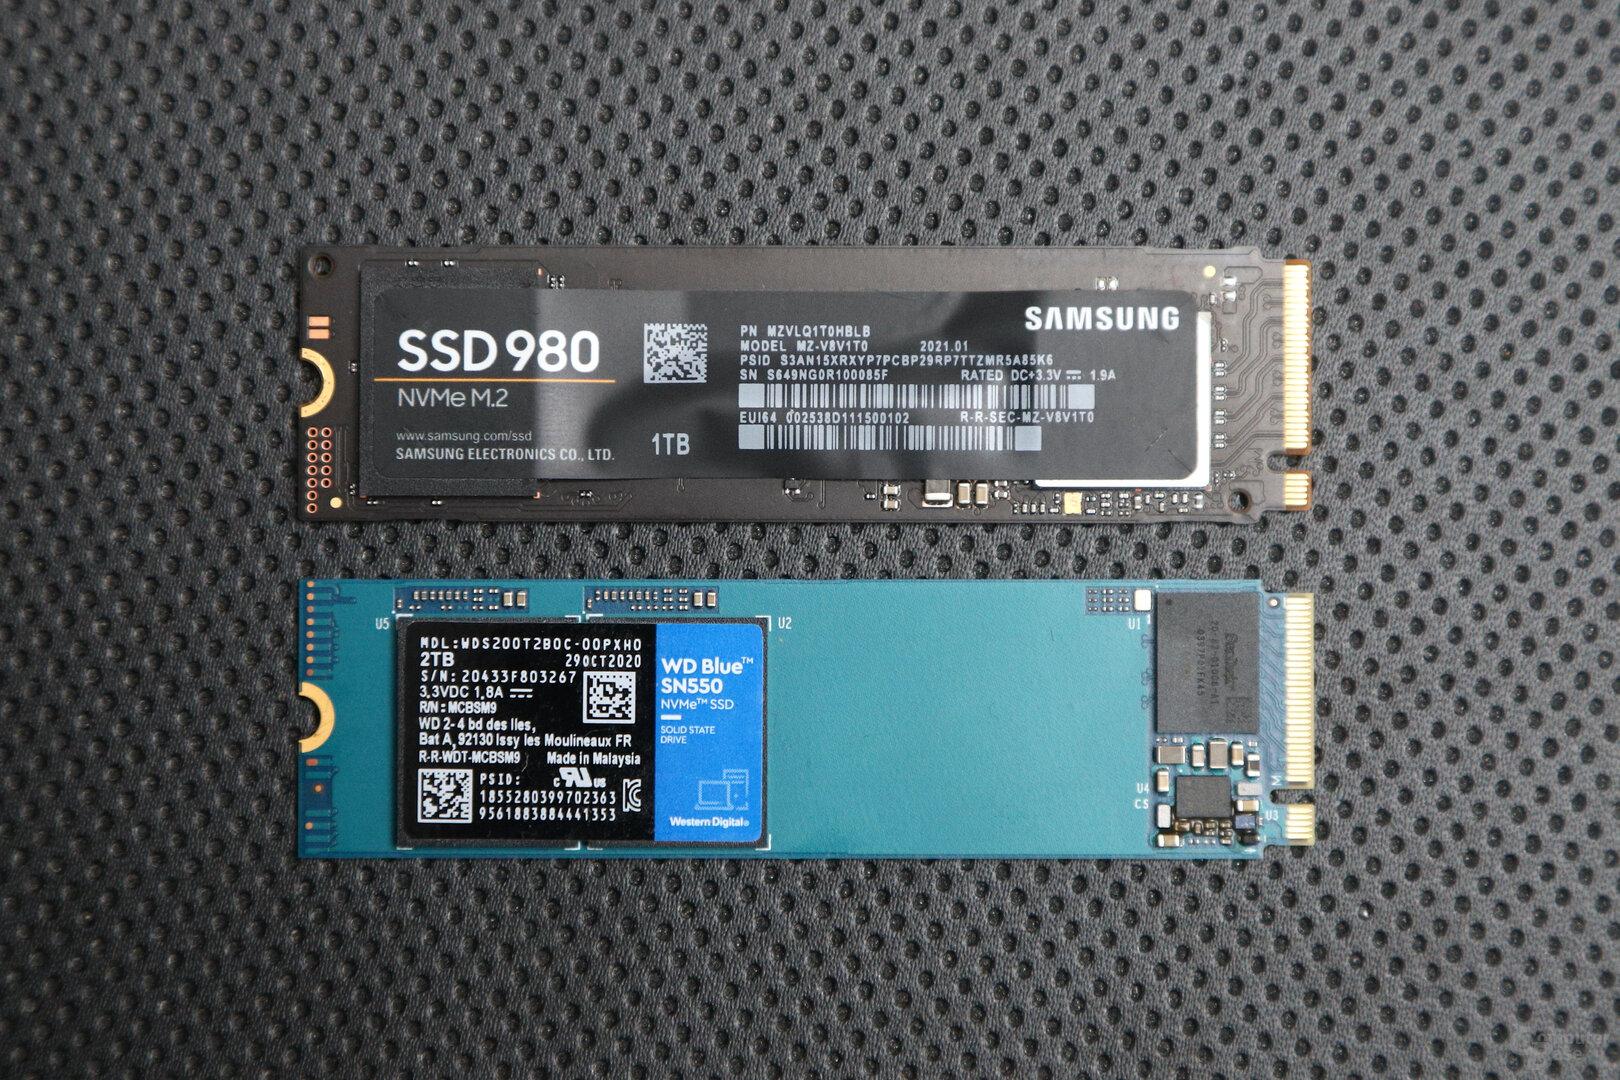 Samsung 980 (oben), WD Blue SN550 (unten)